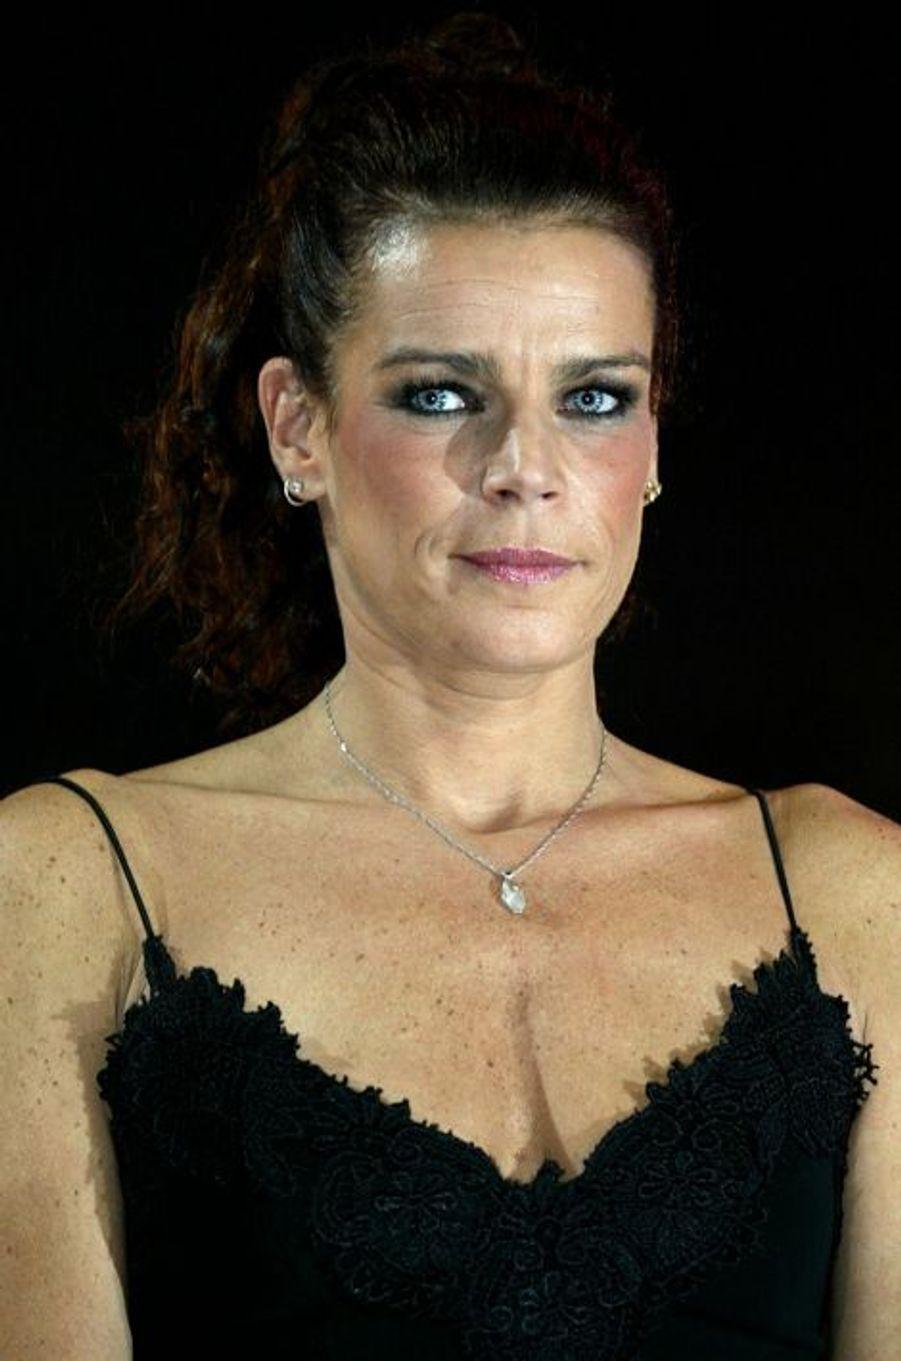 La princesse Stéphanie de Monaco le 20 janvier 2004